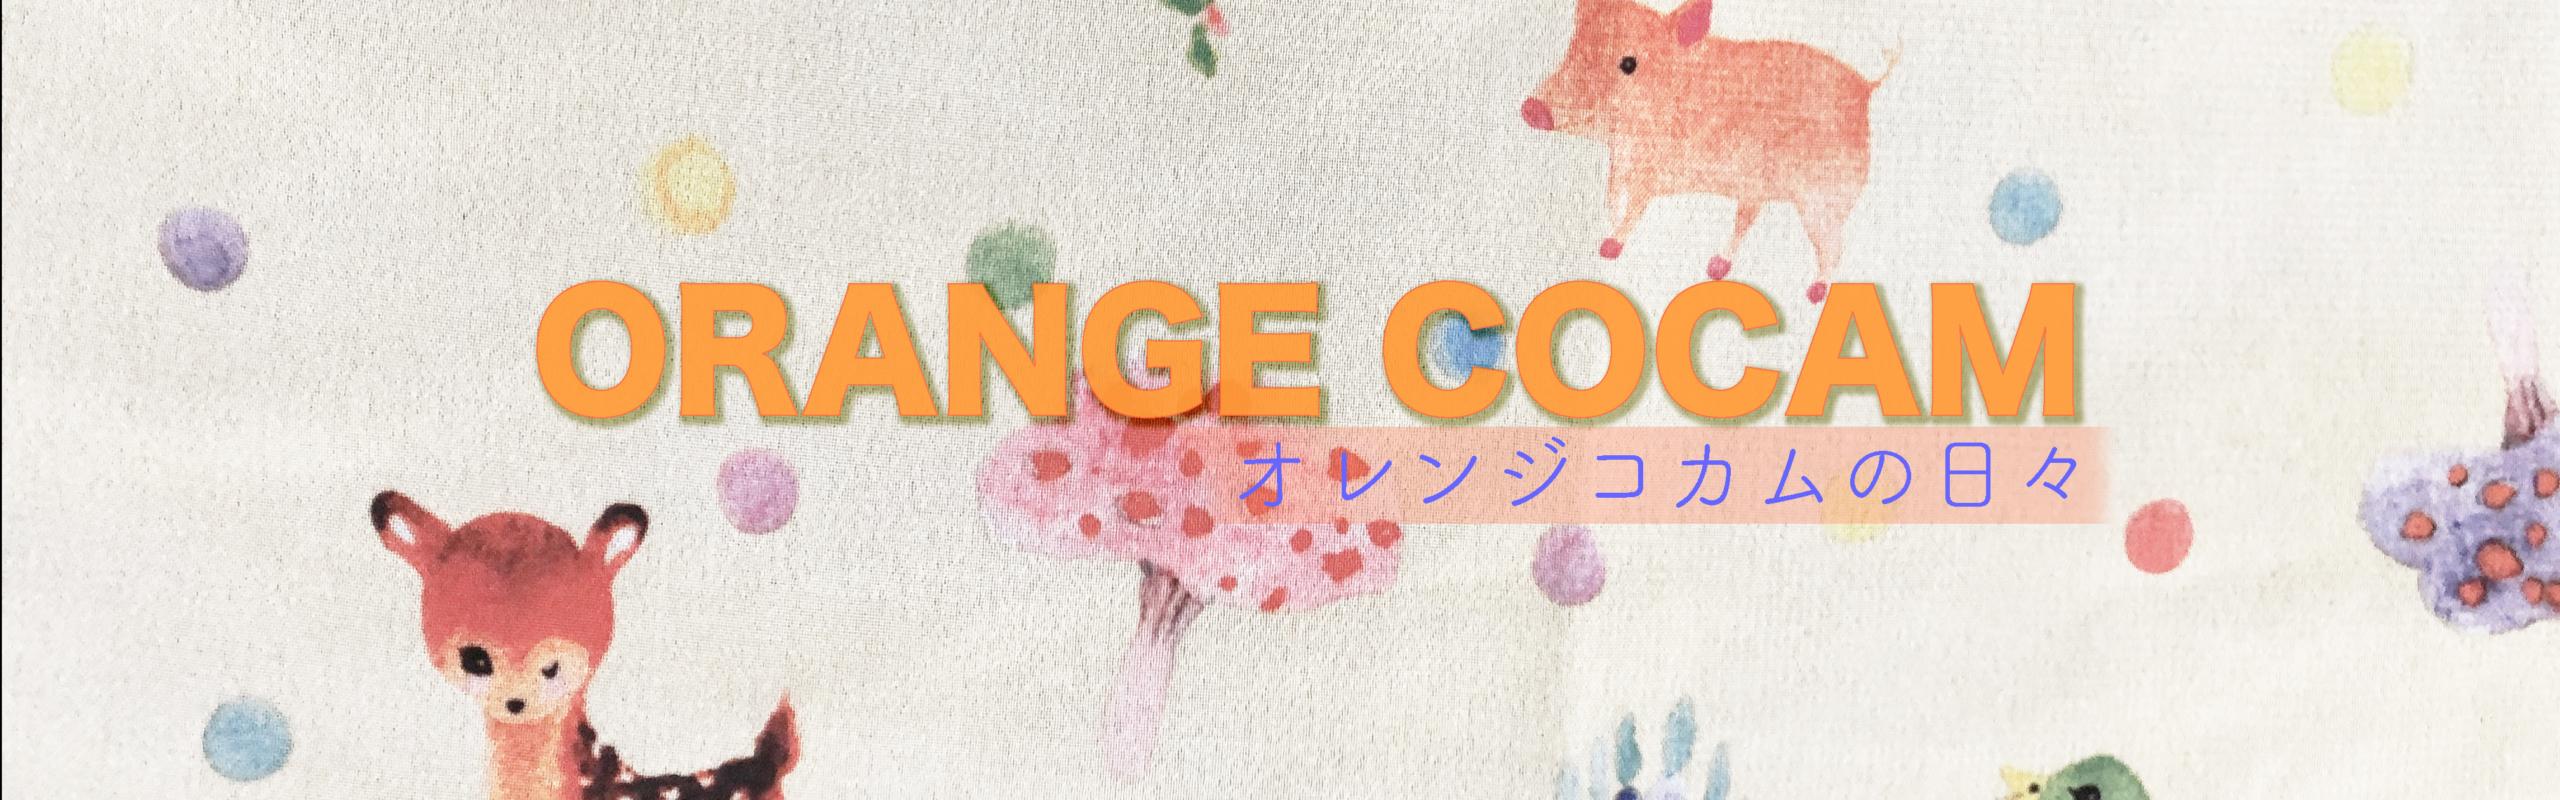 オレンジコカムの日々